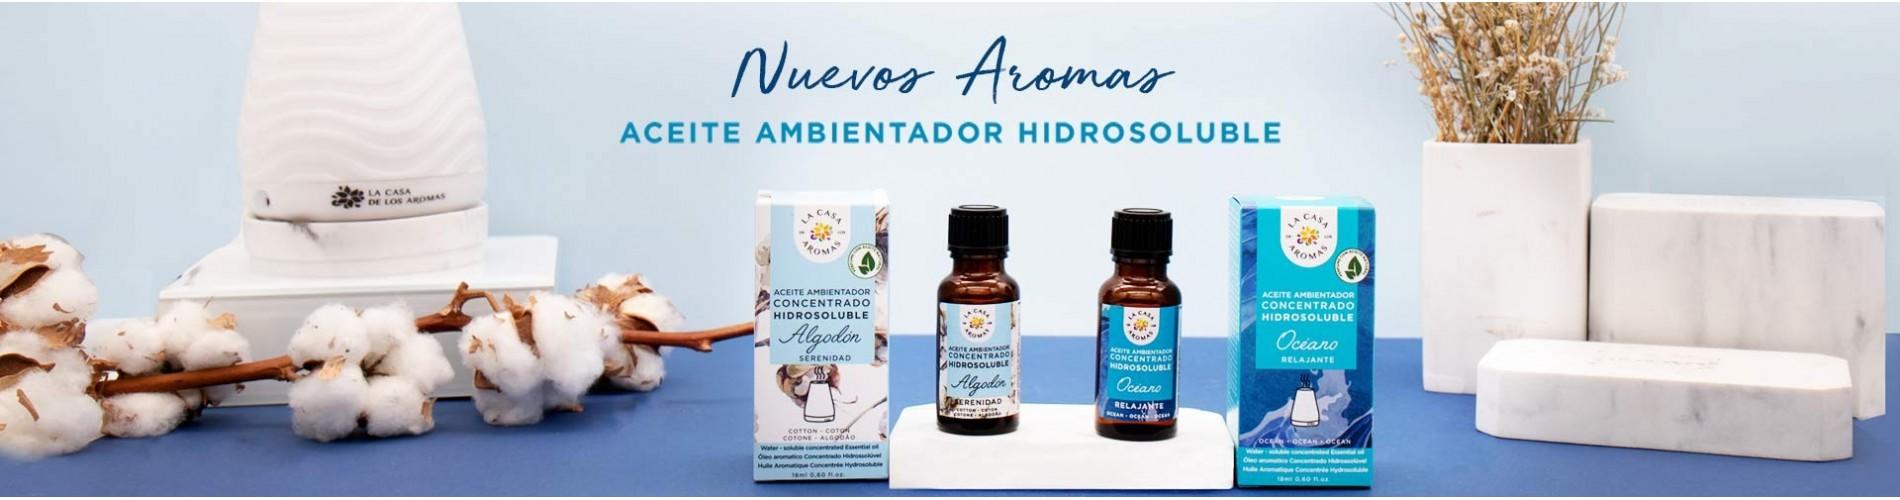 Aceite ambientador hidrosoluble - difusor de aromas